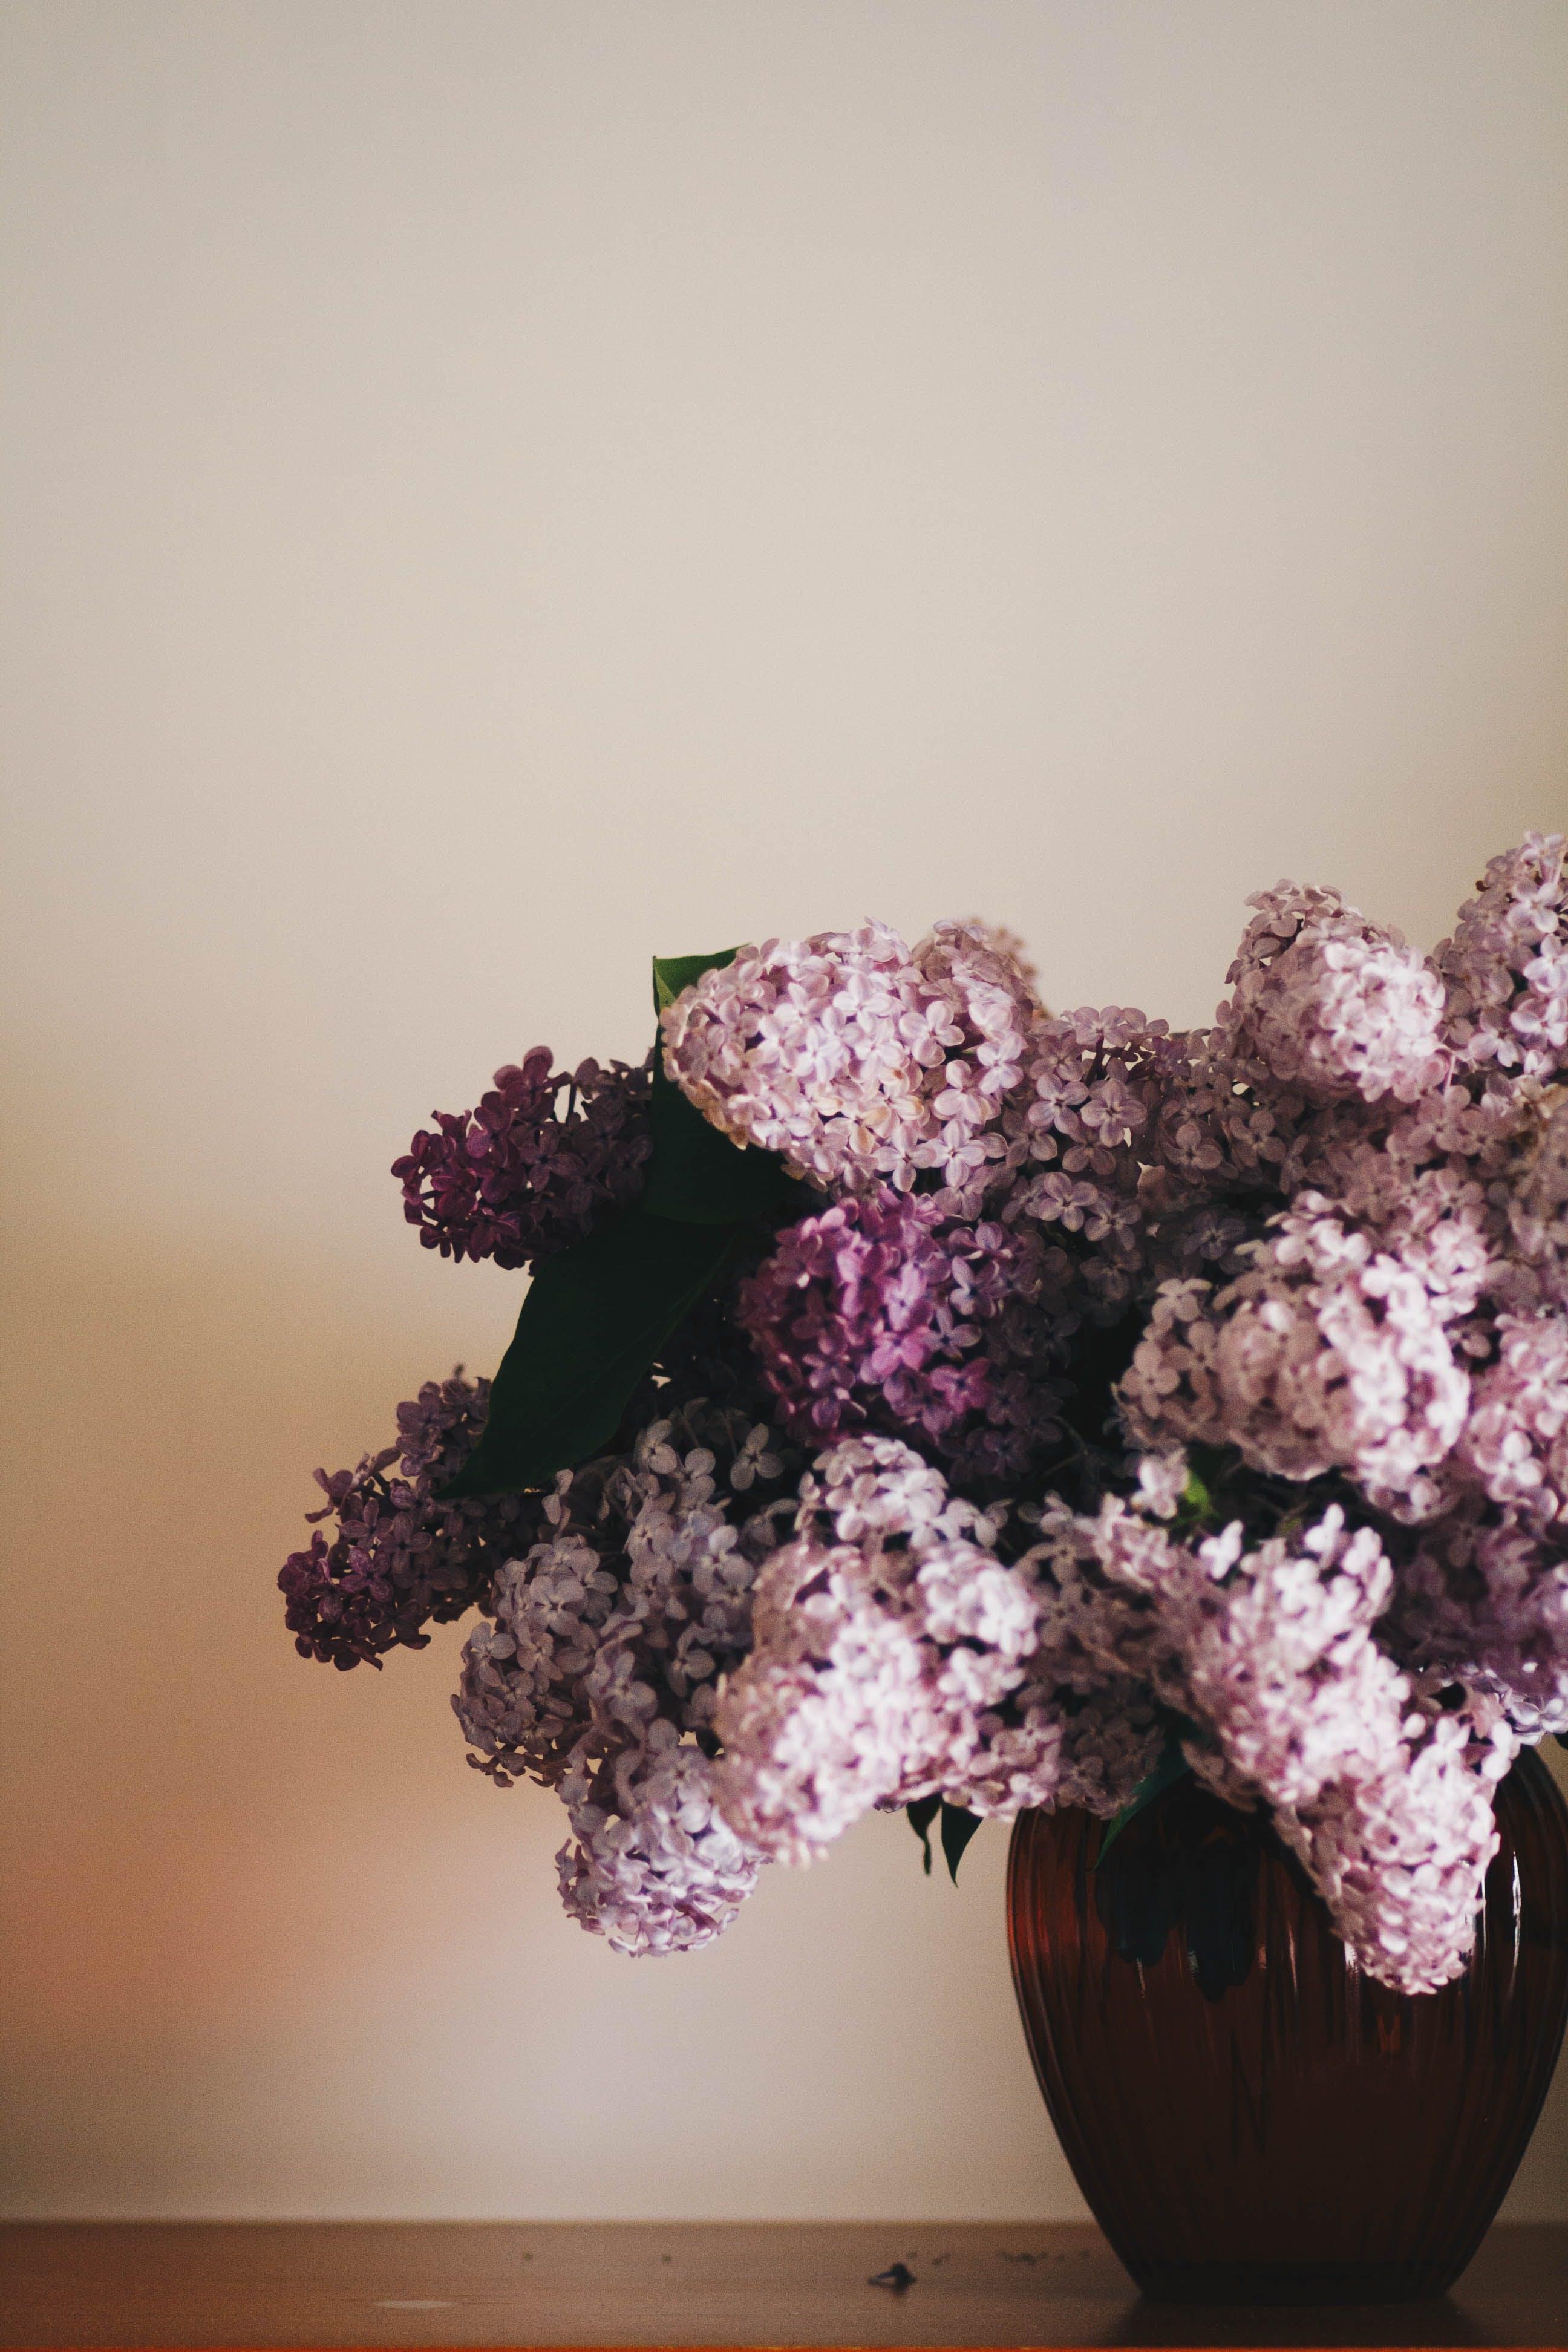 Gratis lagerfoto af blomster, blomsterarrangement, blomsterbuket, blomstervase